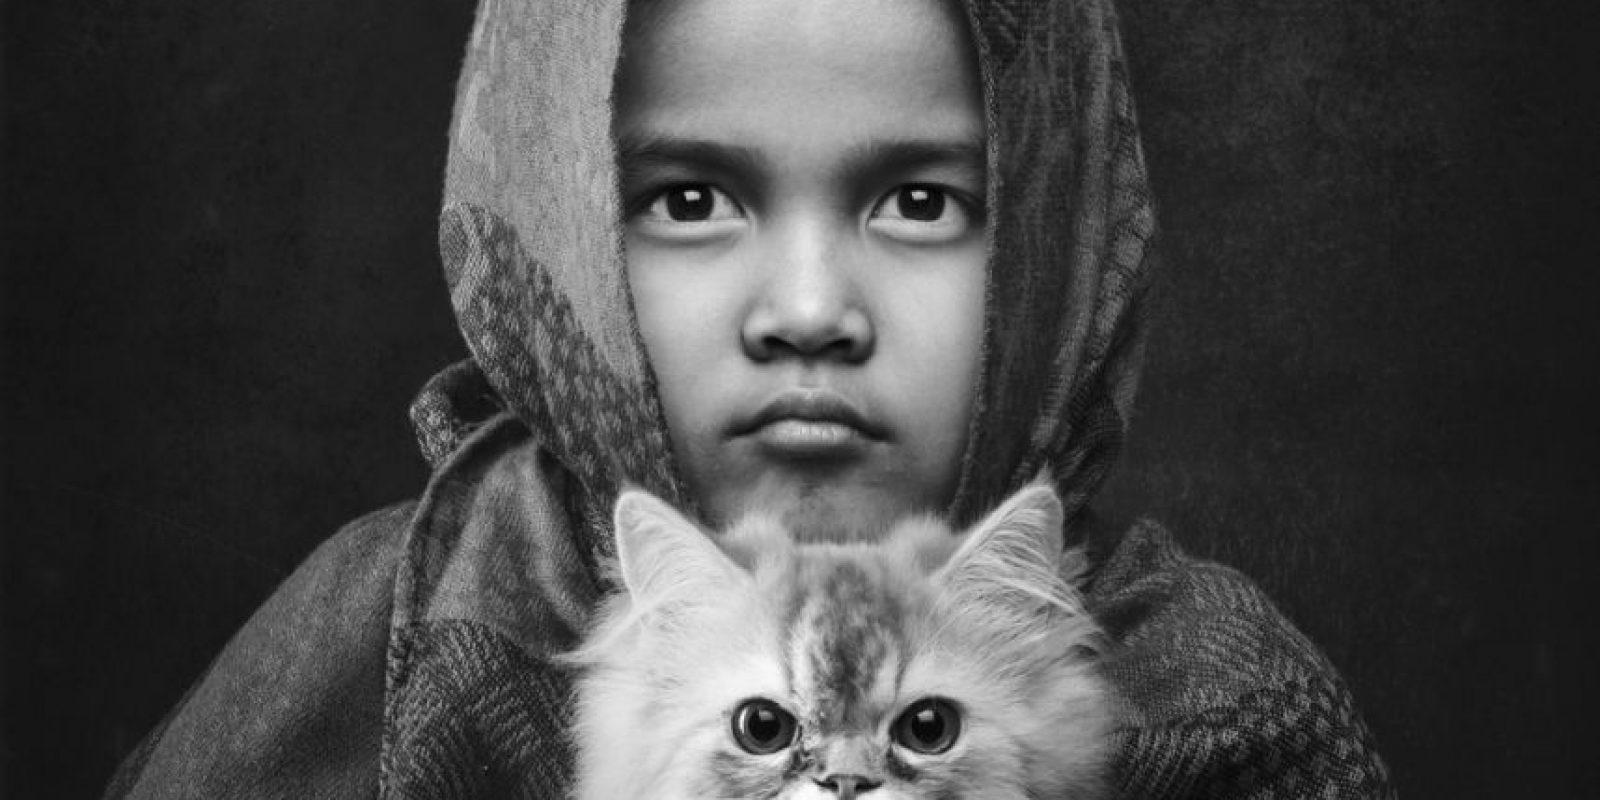 Fiona (la niña de la foto) es la más joven de mis dos hijas. Fiona solía tenerle miedo a los gatos y luego de siete meses logró vencerlo. Foto:Agencias